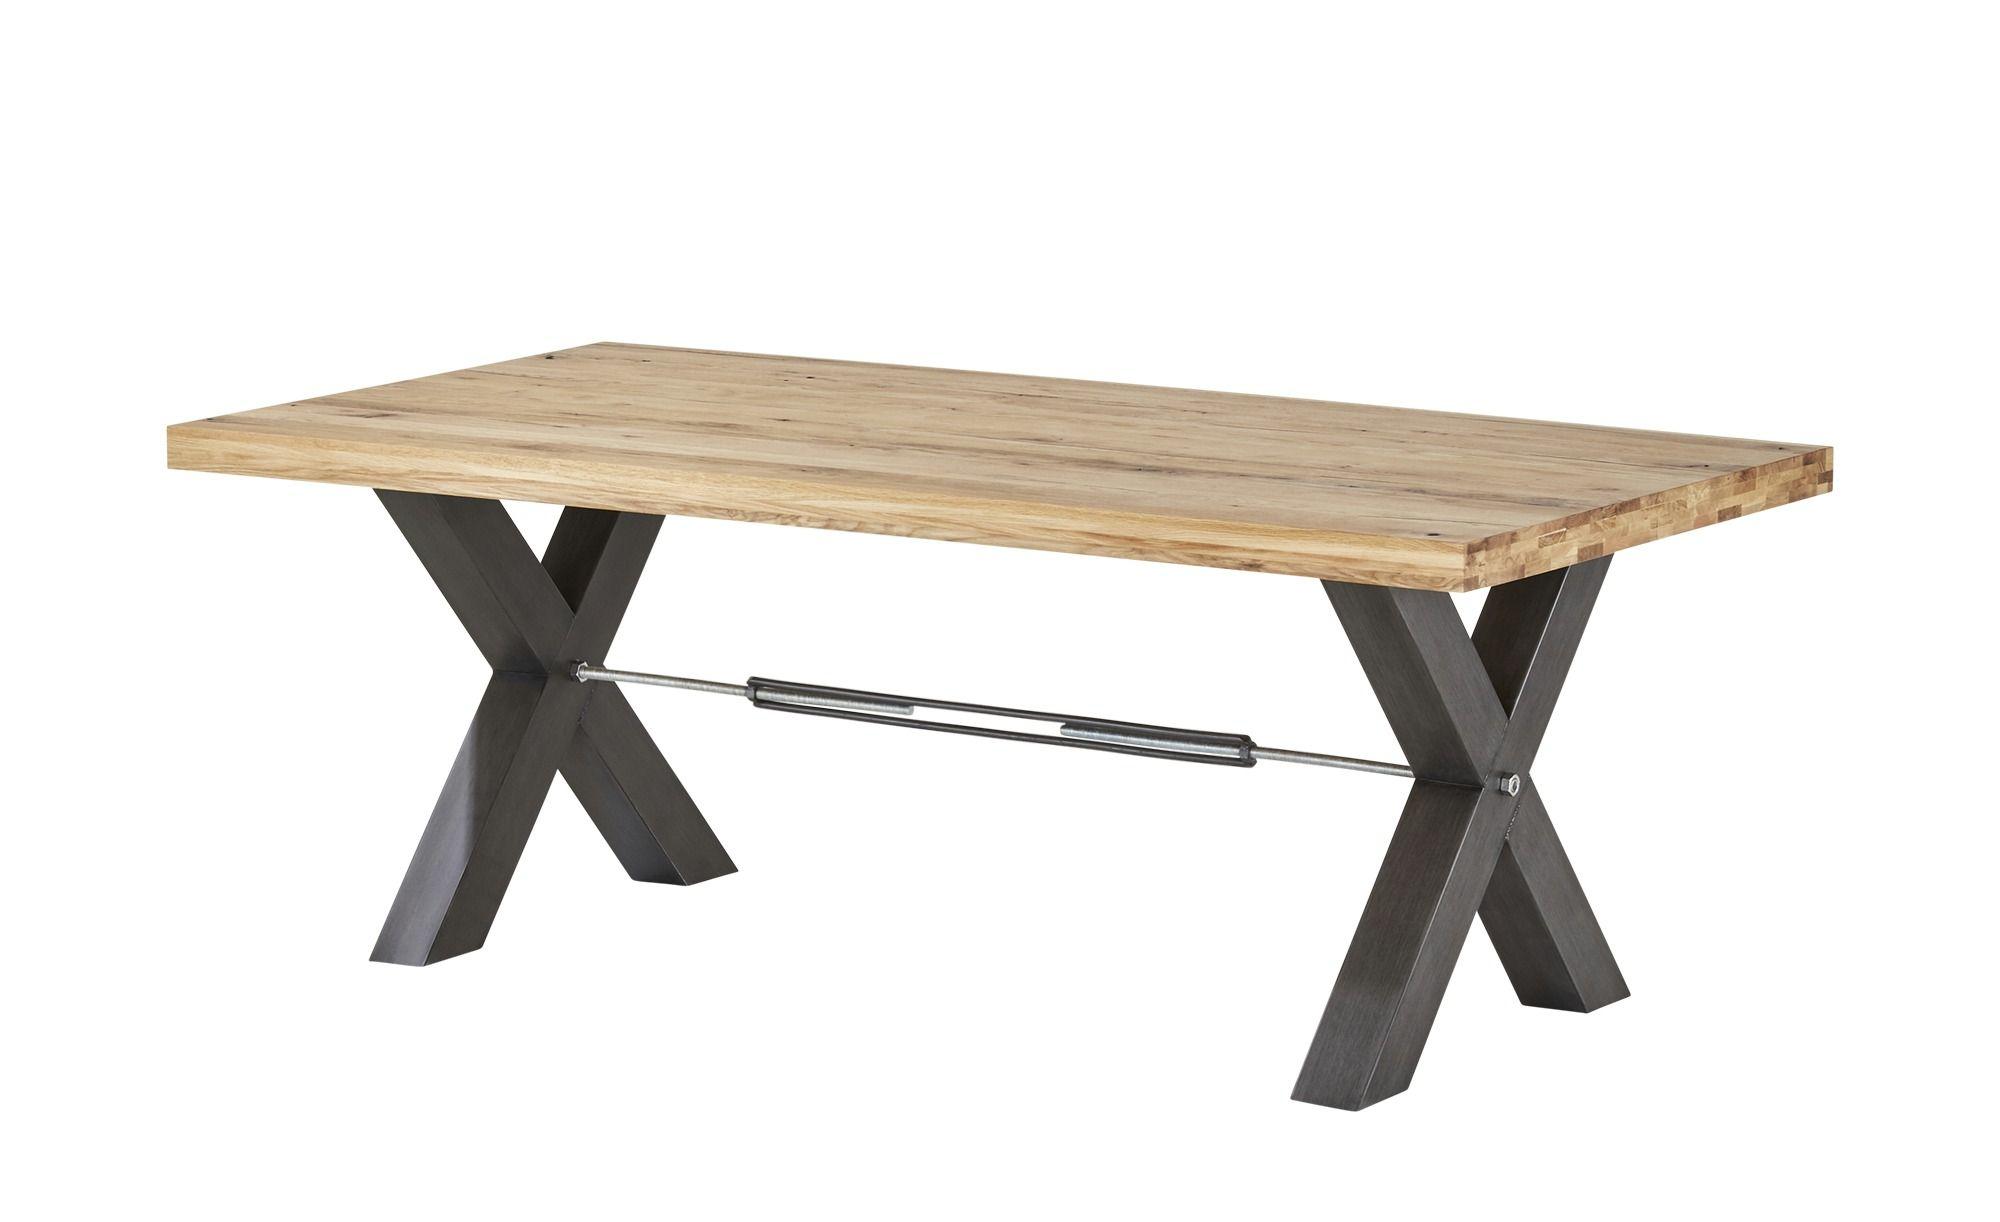 Esstisch Todd Holzfarben Masse Cm B 100 H 76 Tische Kuchentische Hoffner Jetzt Bestellen Unter Https Moebel Lade Esstisch Tisch Esstisch Massiv